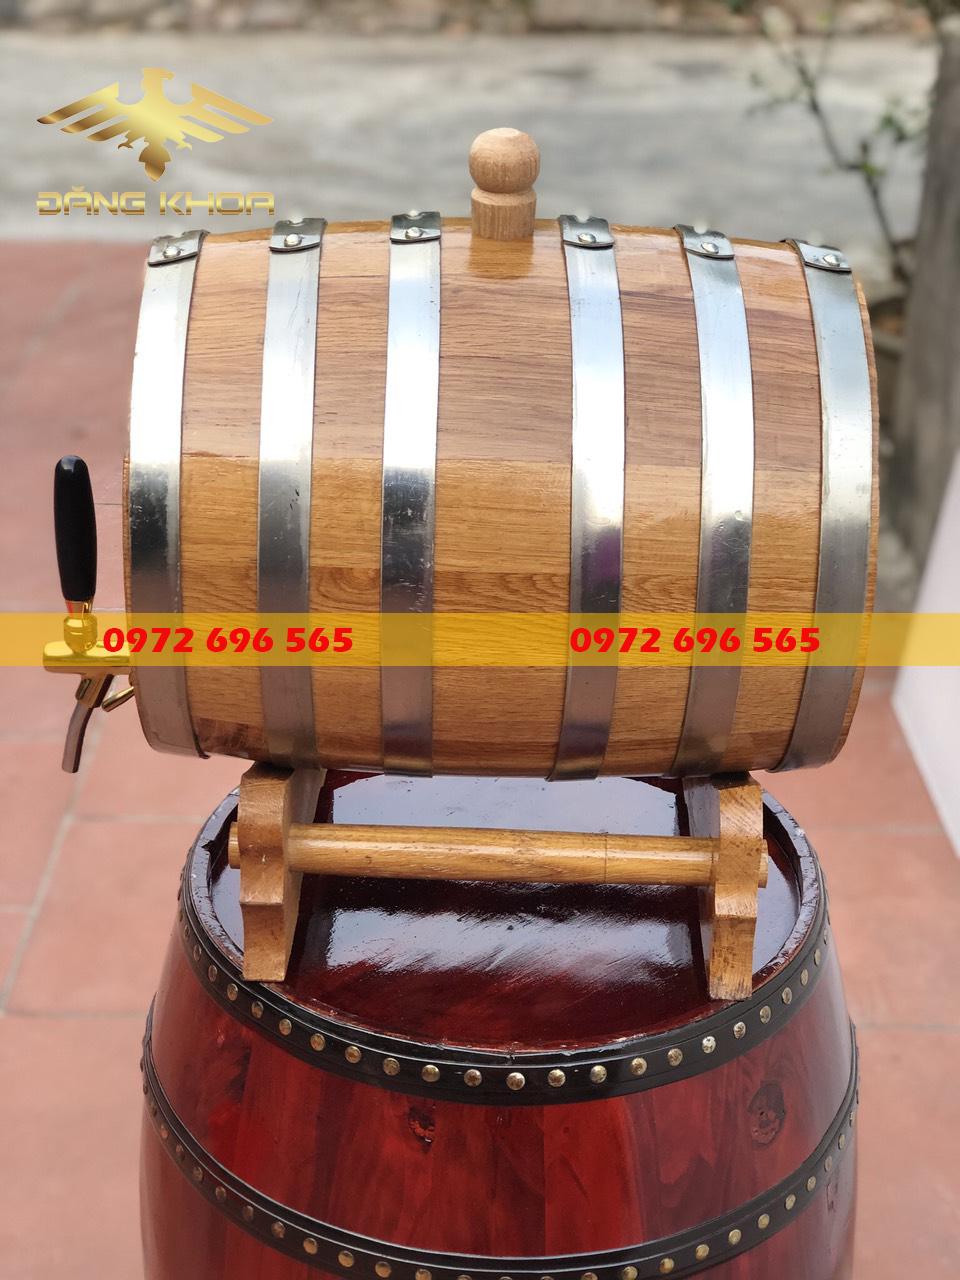 Sự khác biệt giữa thùng gỗ sồi 30 lít và một số thùng gỗ sồi khác như 50 lít, 100 lít.